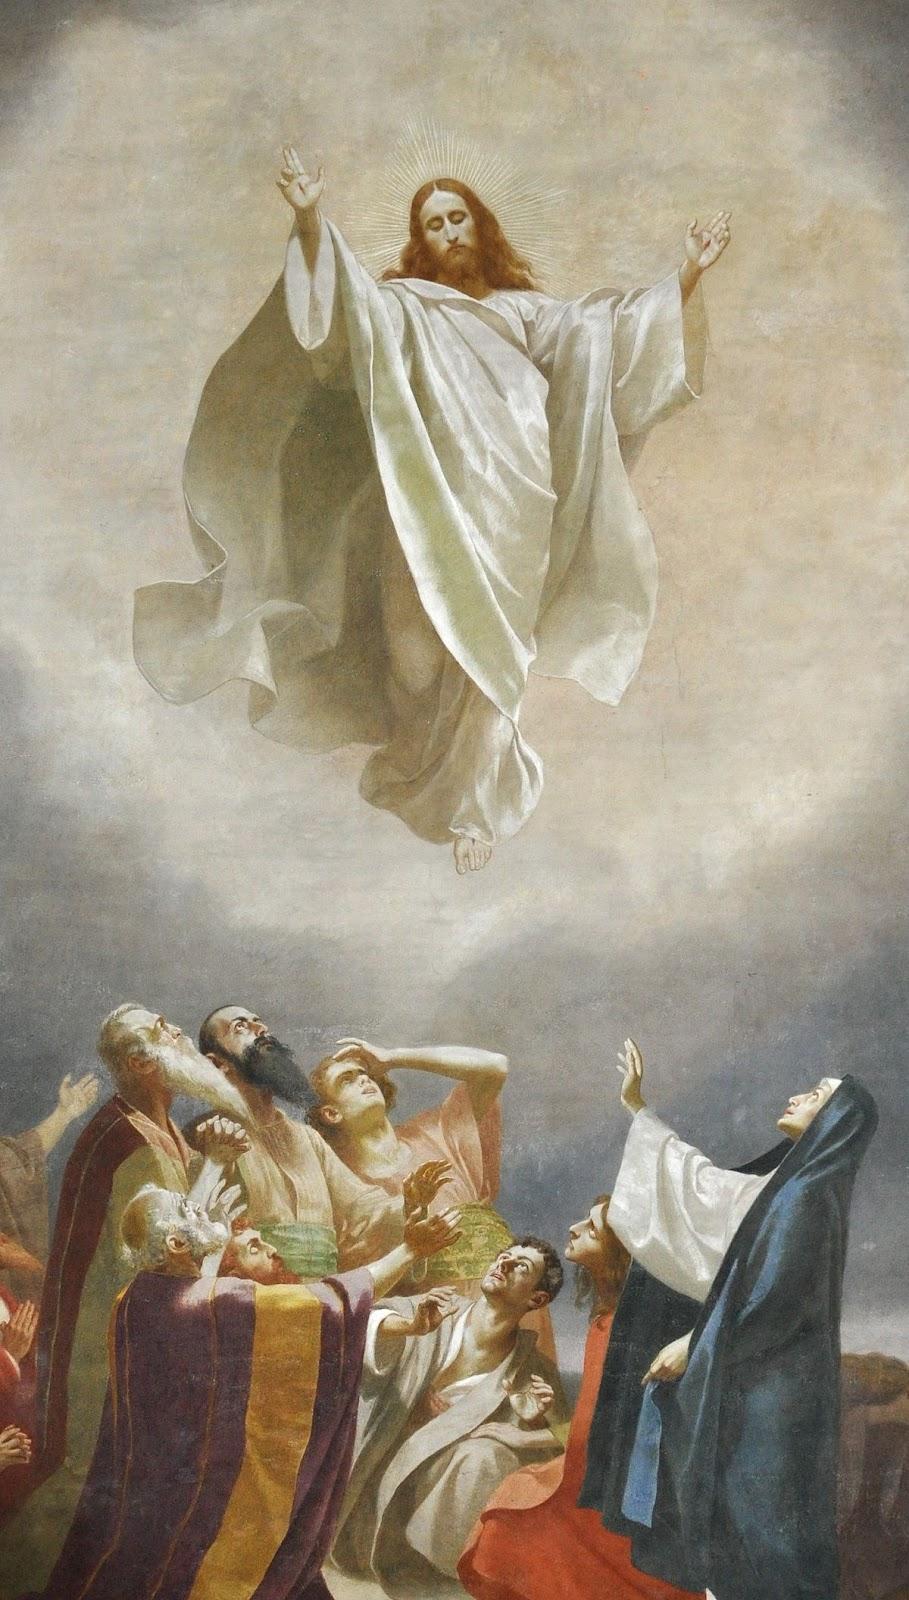 Jesus's Ascension